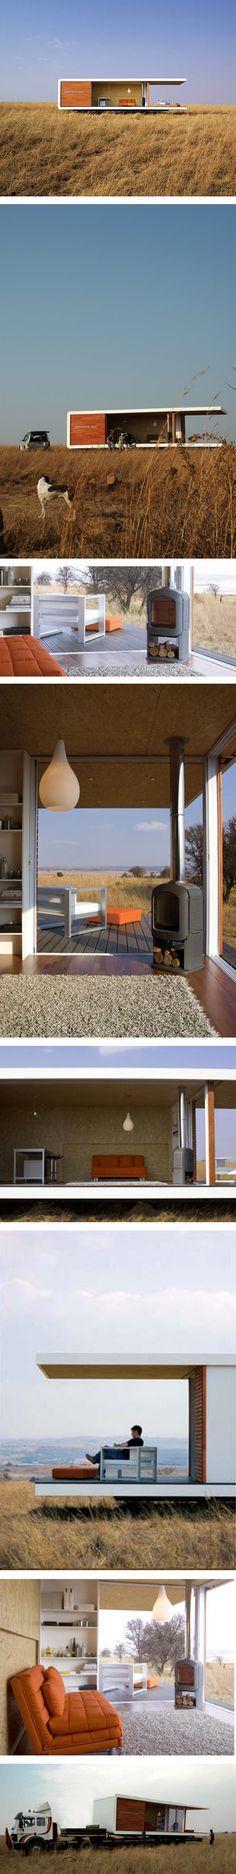 Zenyaka house in South Africa.  VISITA MÓDULO Av. Cañasgordas, ESTACIÓN ESSO. Más información: www.decasas.co; http://www.linkedin.com/company/decasas-modulares